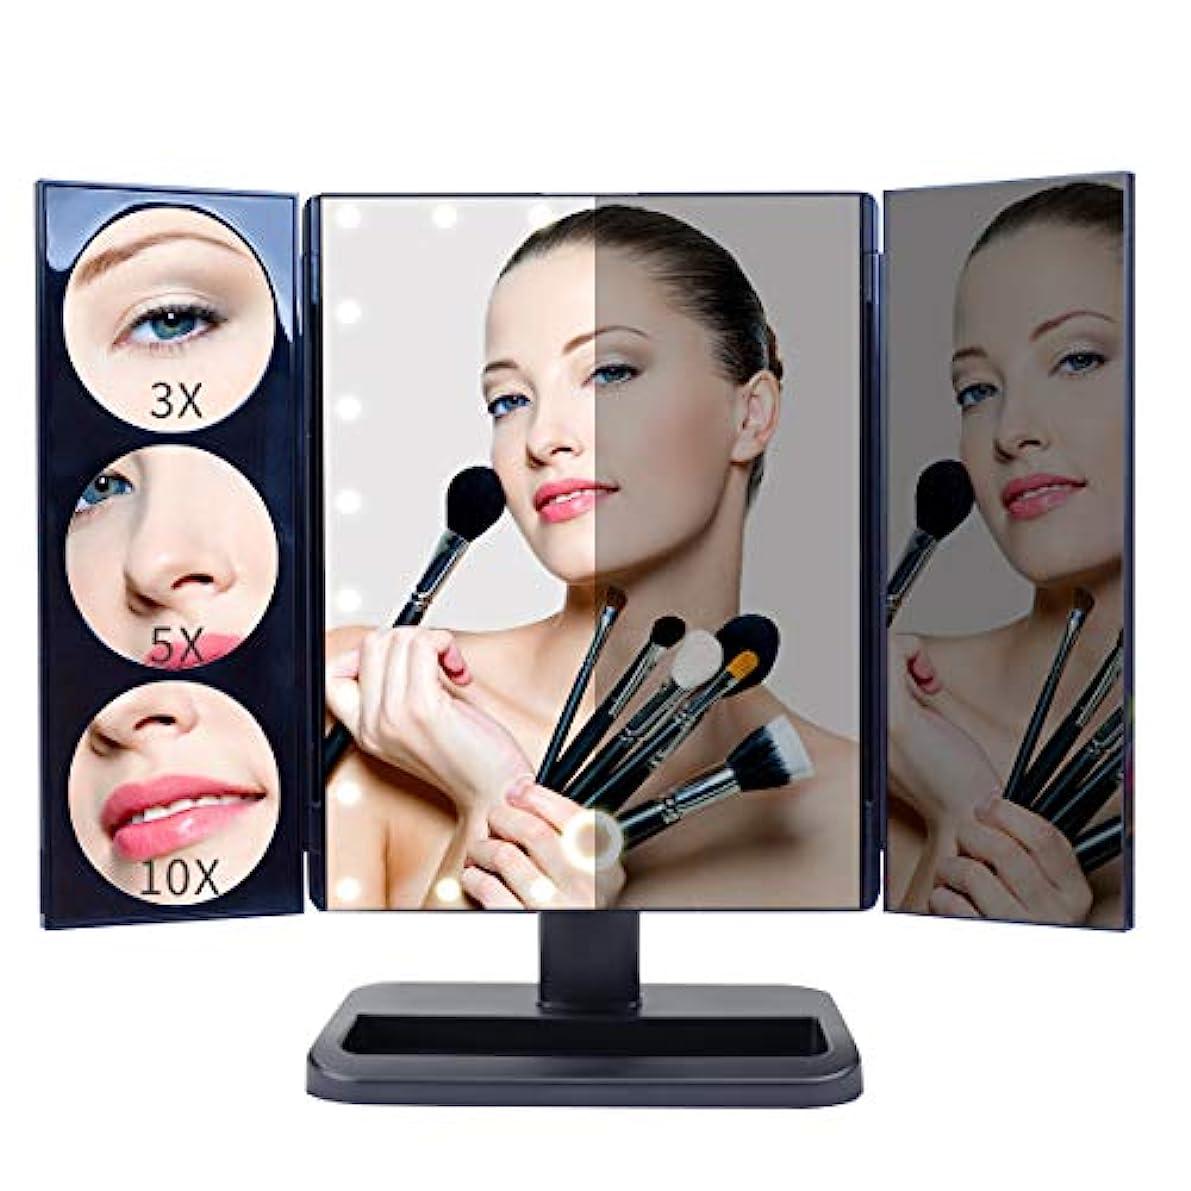 侵入する火薬錫BRIAN & DANY 化粧鏡 化粧ミラー 鏡 三面鏡 ー 卓上 24個のLEDライト 折りたたみ 拡大鏡 3倍 5倍 10倍 明るさ調節可能 180°回転 電池&USB